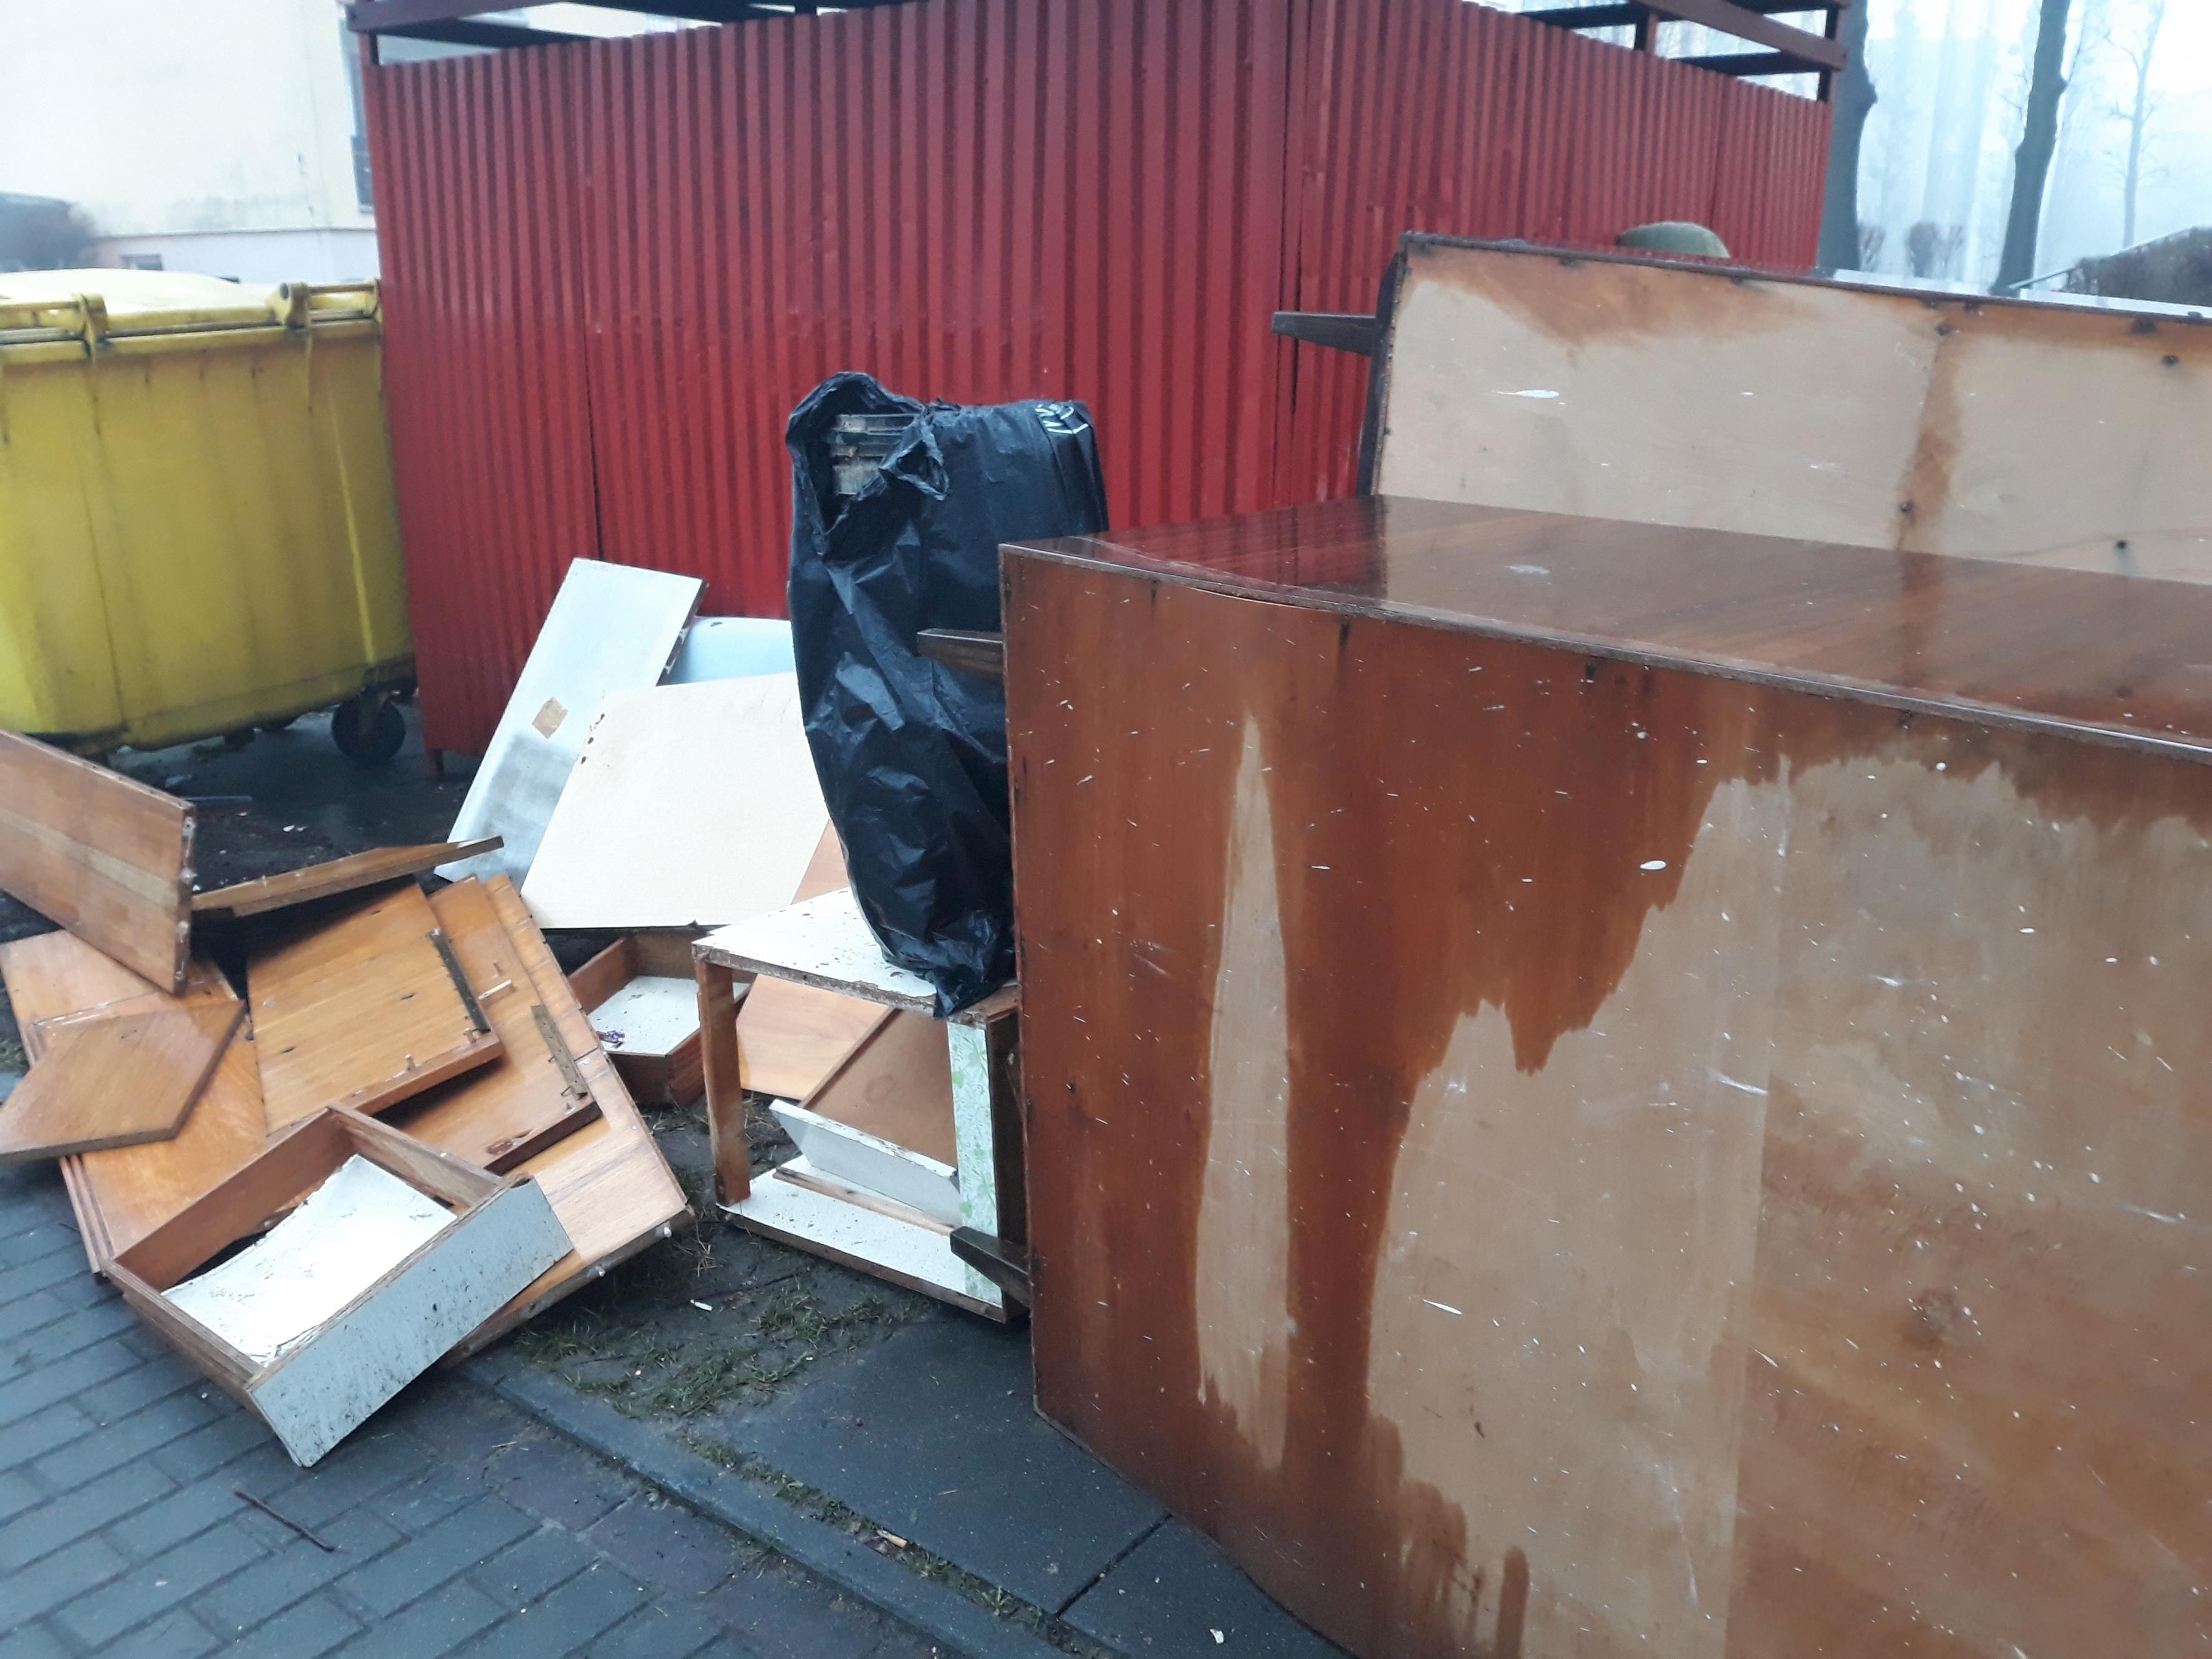 Jeszcze raz w tym roku wywiozą odpady wielkogabarytowe